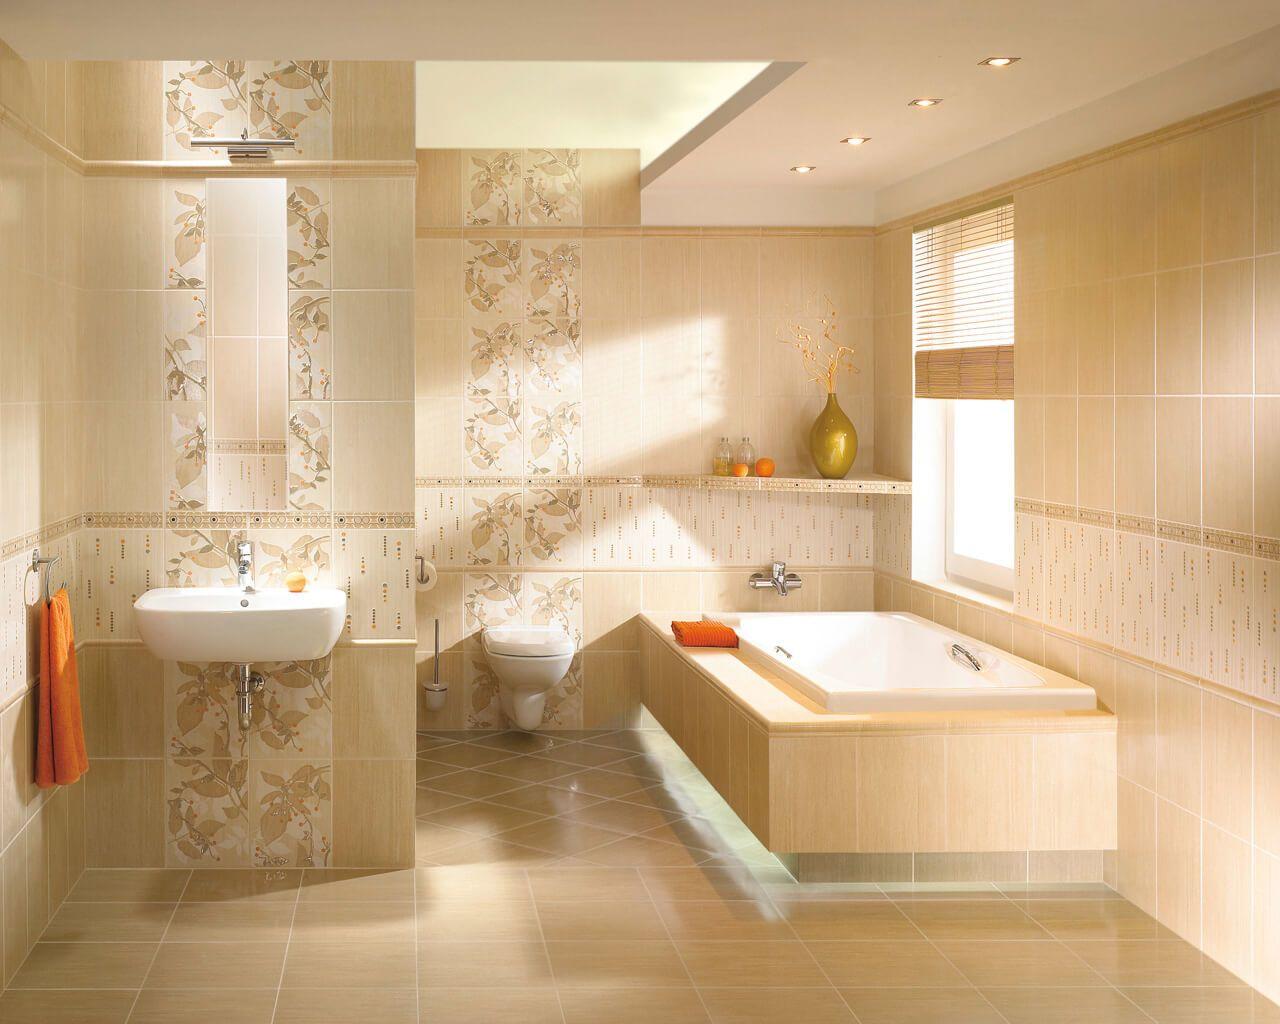 Begoniaorlik Beżowe I Brązowe Płytki łazienkowe Motyw